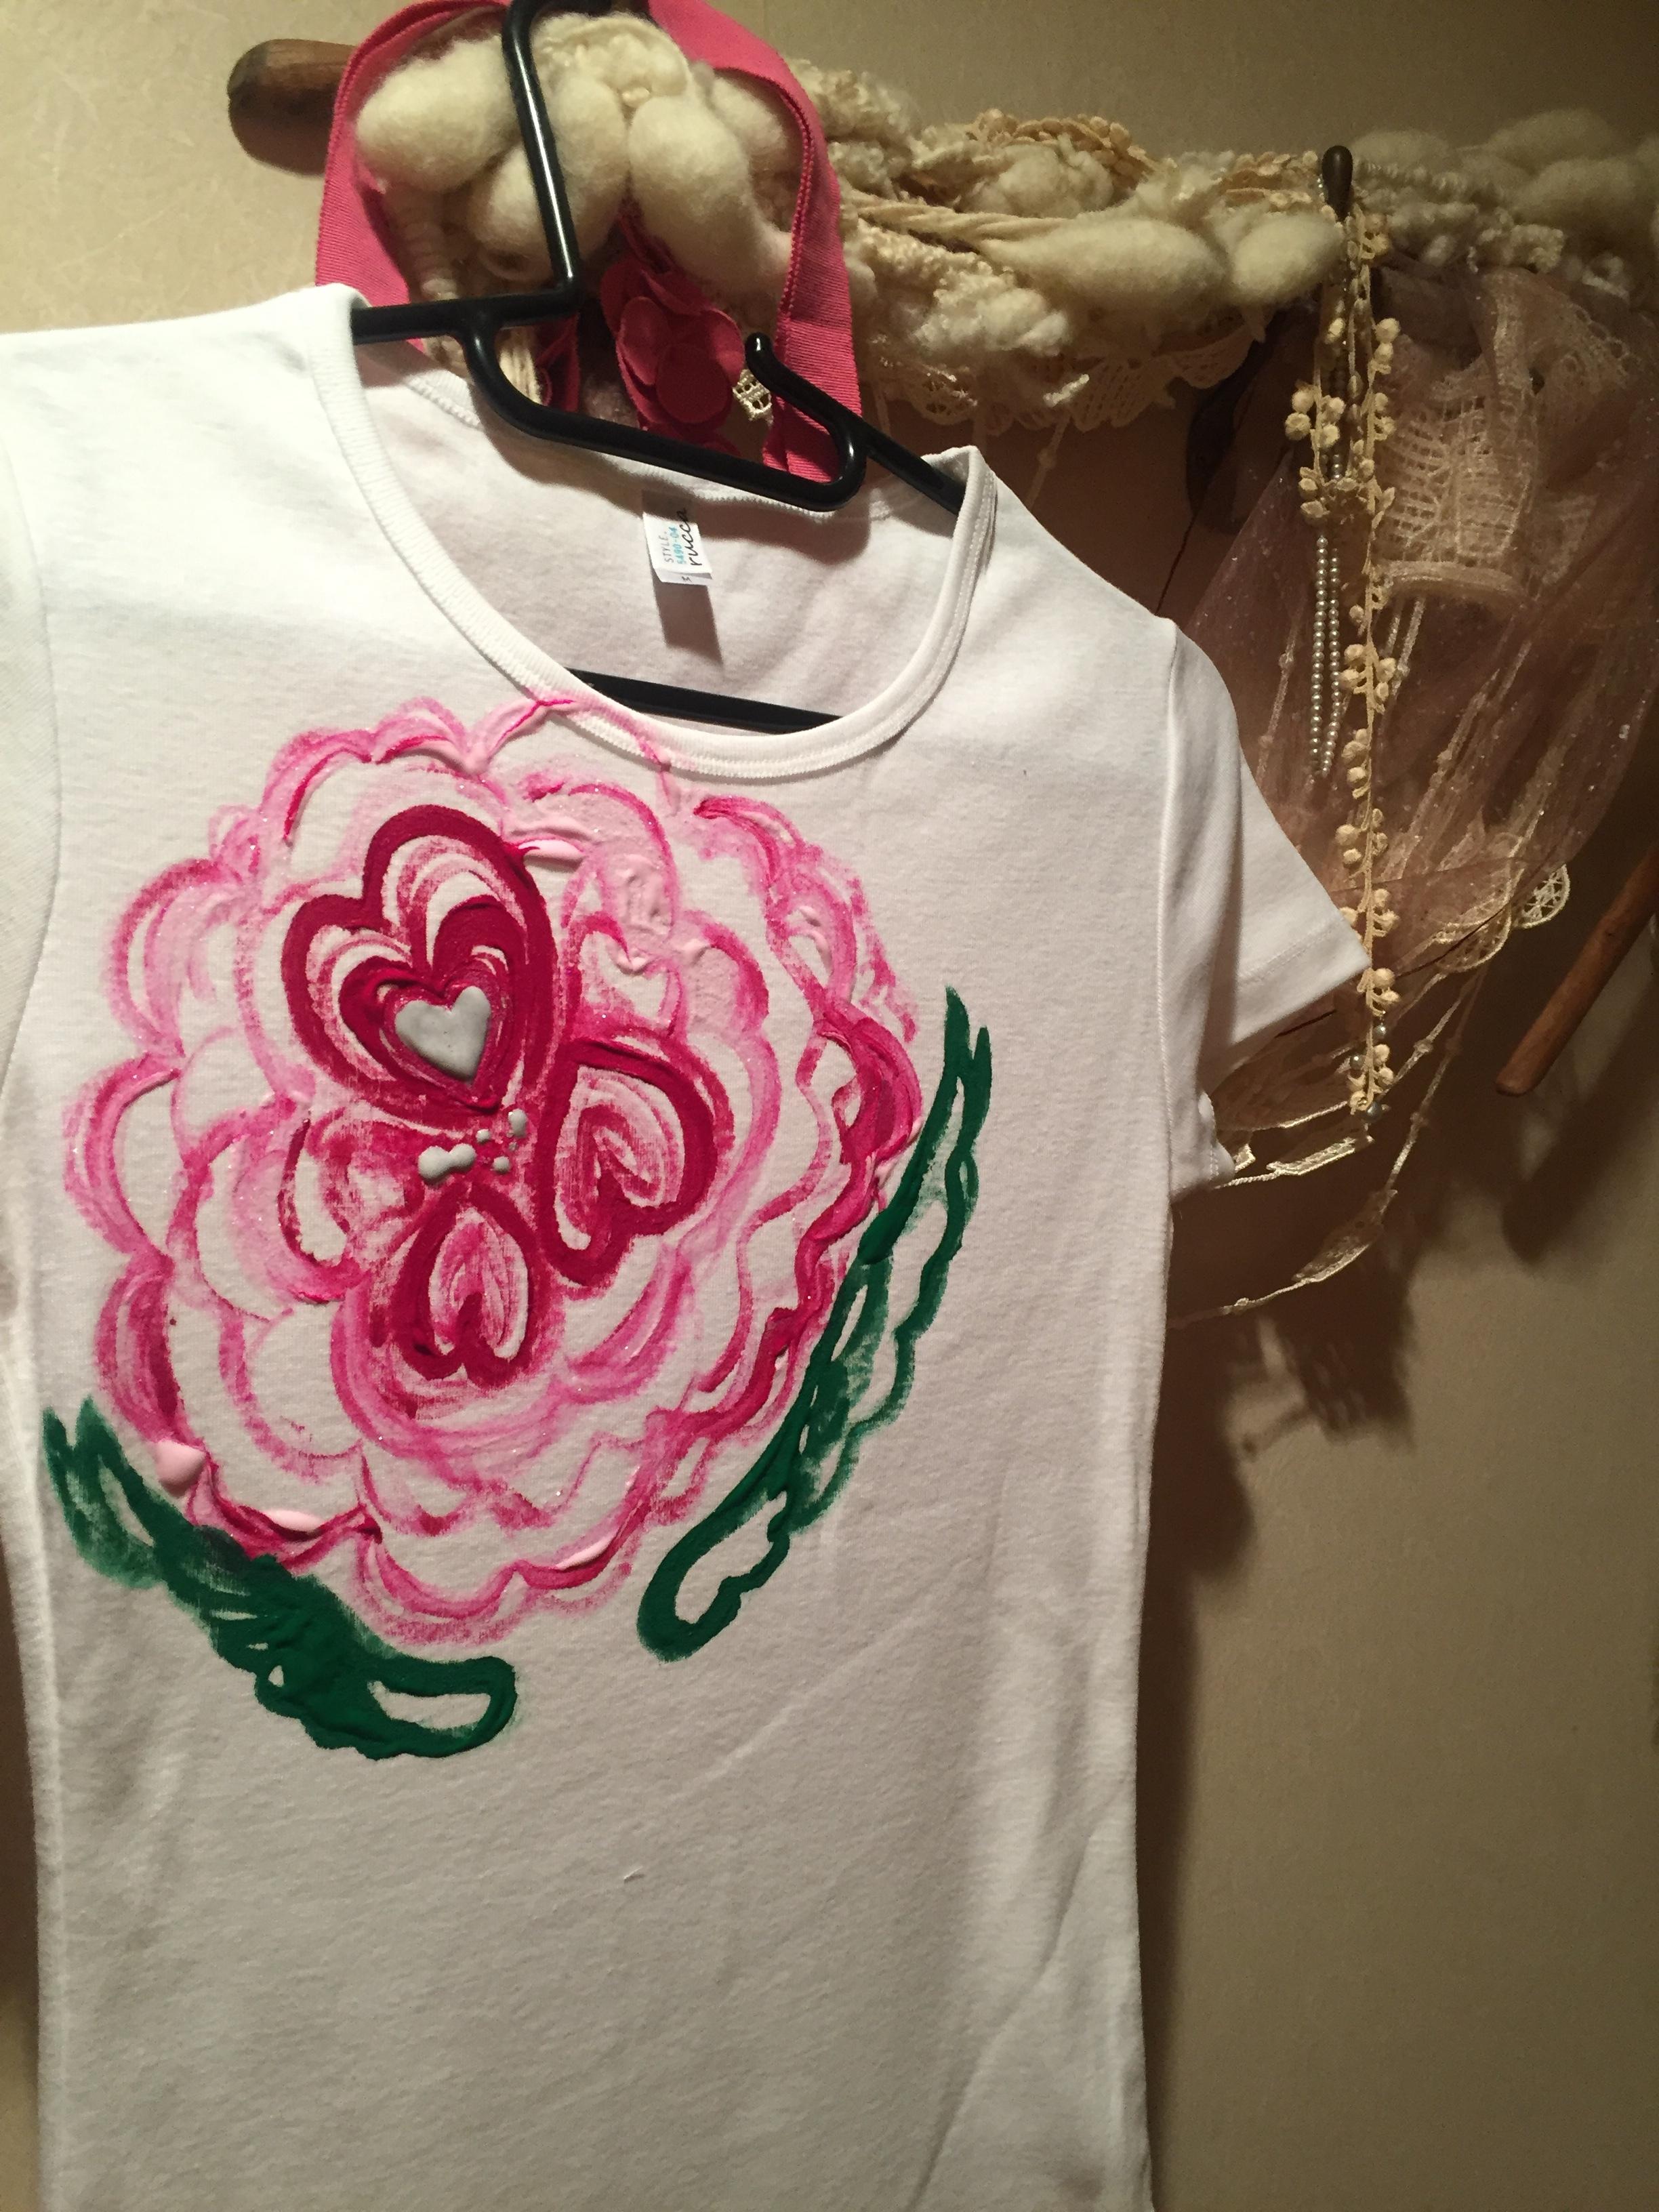 花シリーズ ROSE  白地 手描きTシャツ